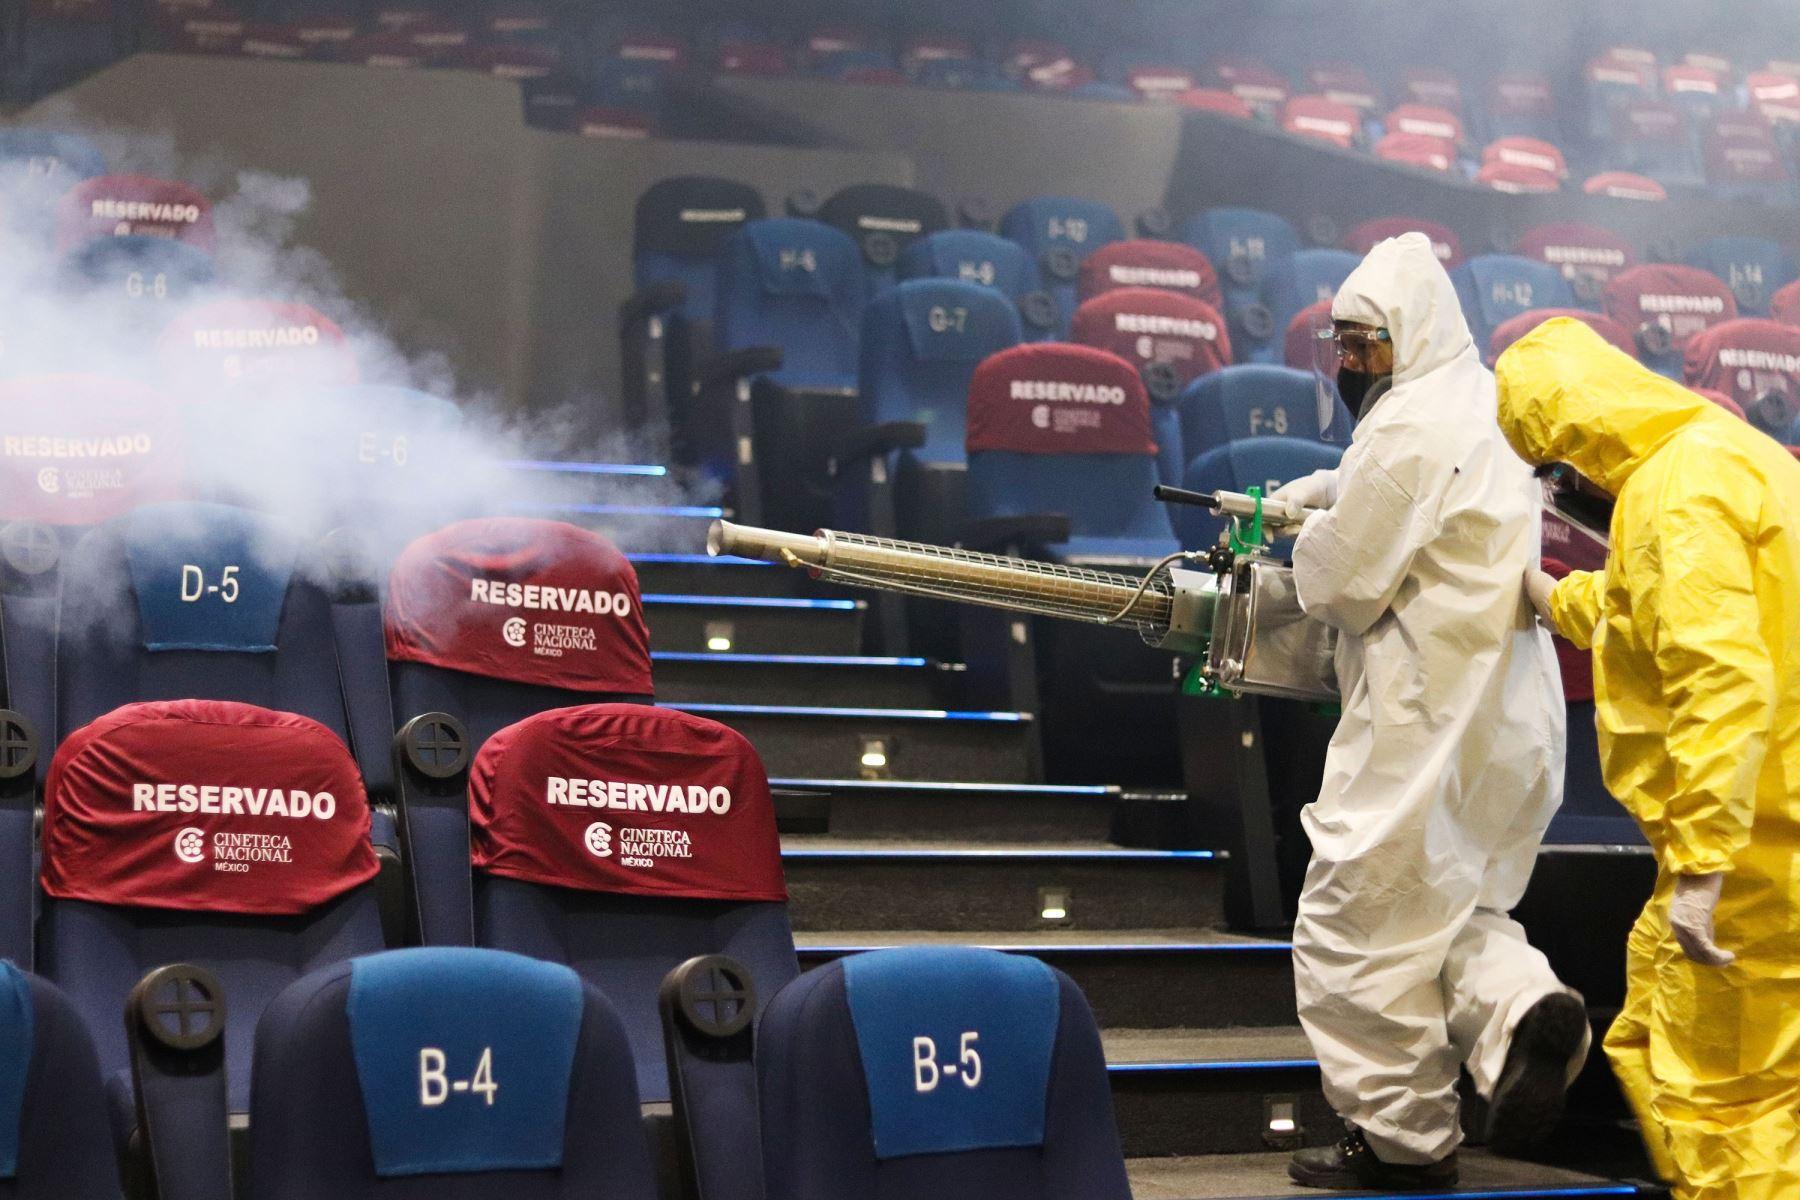 Trabajadores sanitarios de la Cineteca Nacional desinfectan hoy las salas de proyección previo a su reapertura, en Ciudad de México (México). Foto: EFE